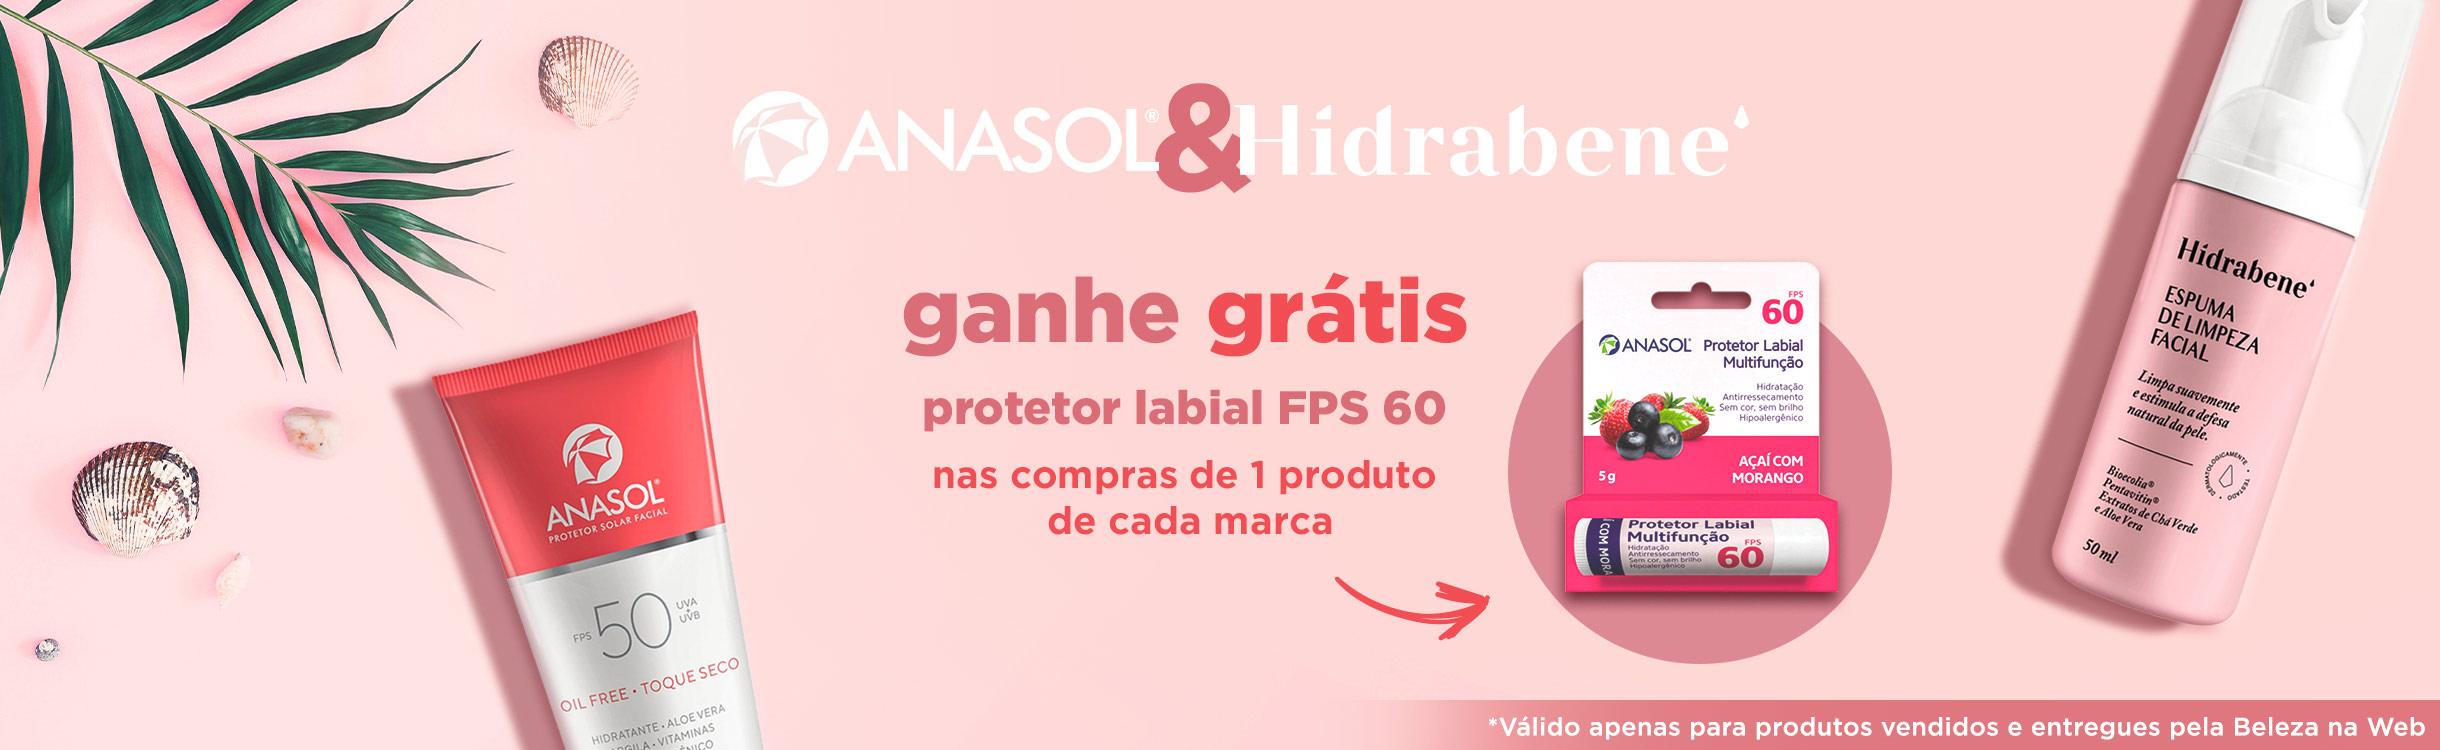 Proteção e Cuidados Diários com Anasol & Hidrabene